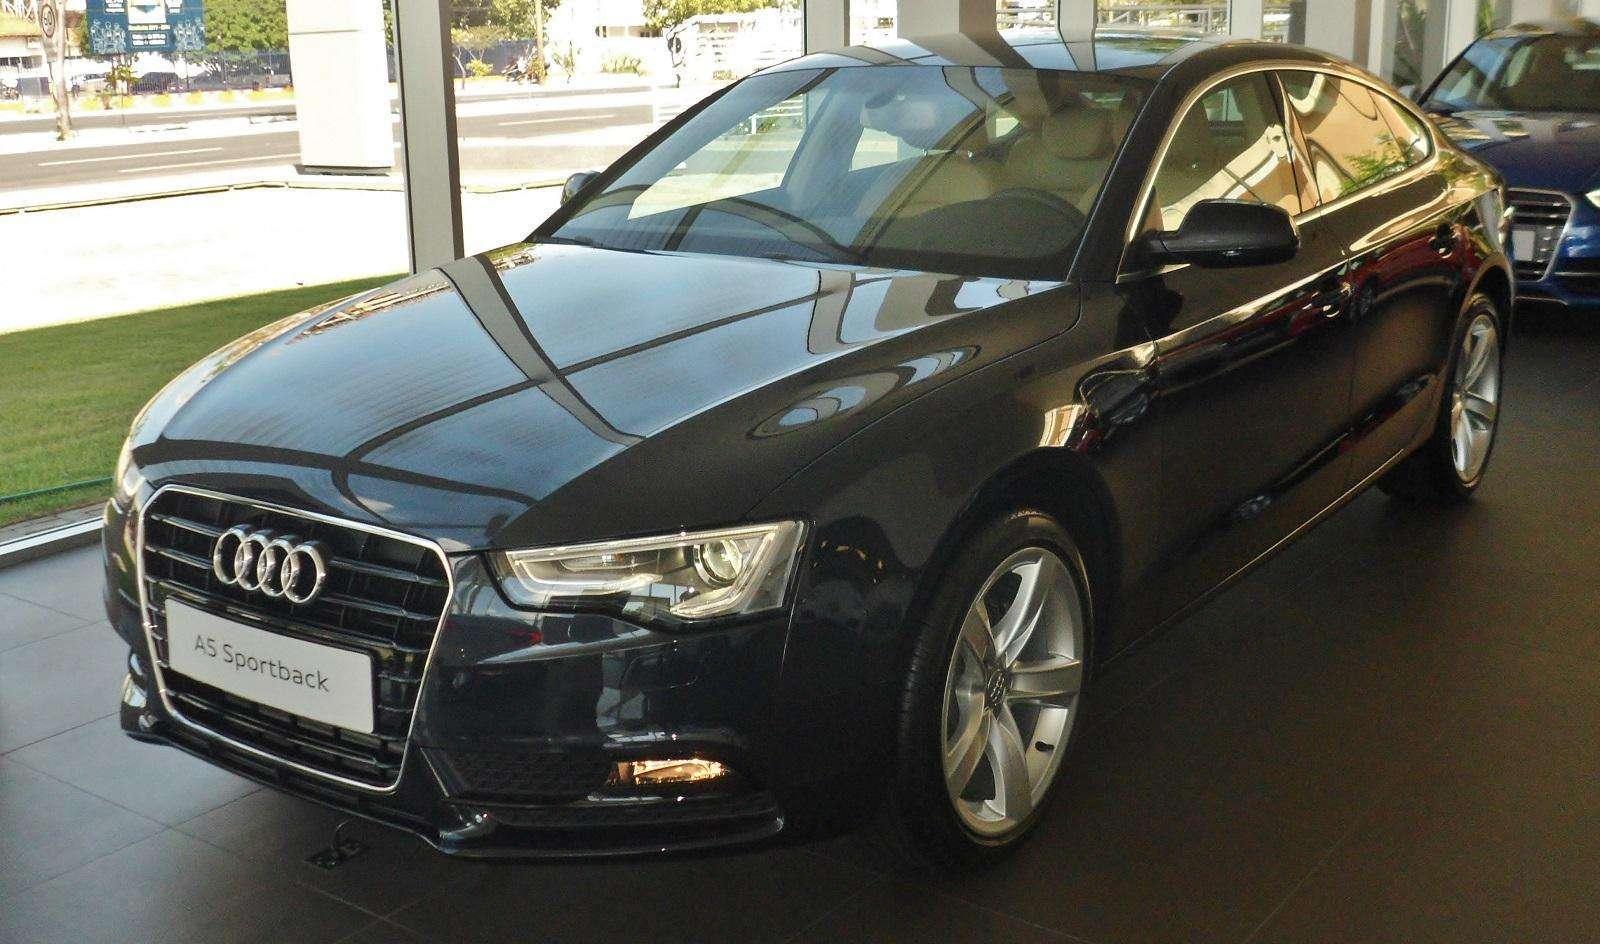 Audi A5 Sportback: um sonho mais próximo do que você imagina